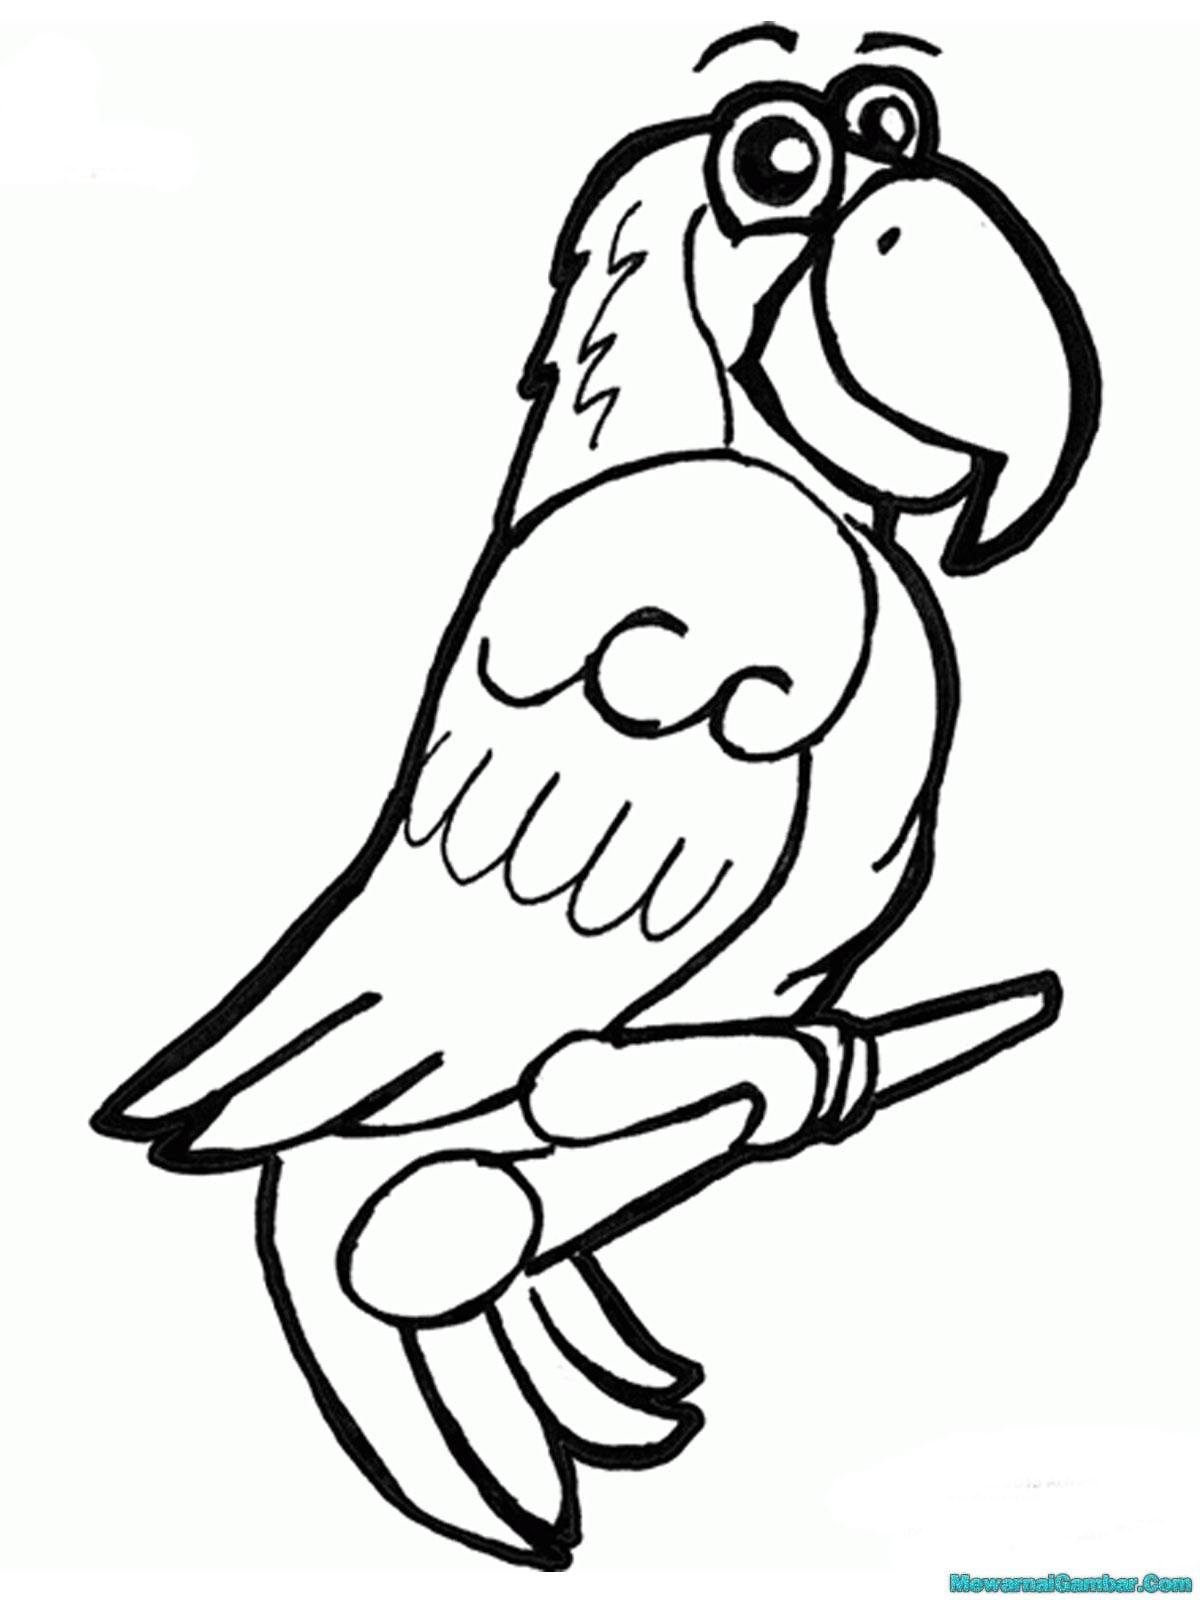 90  Gambar Burung Yang Sudah Diwarnai  Terbaru Gratis